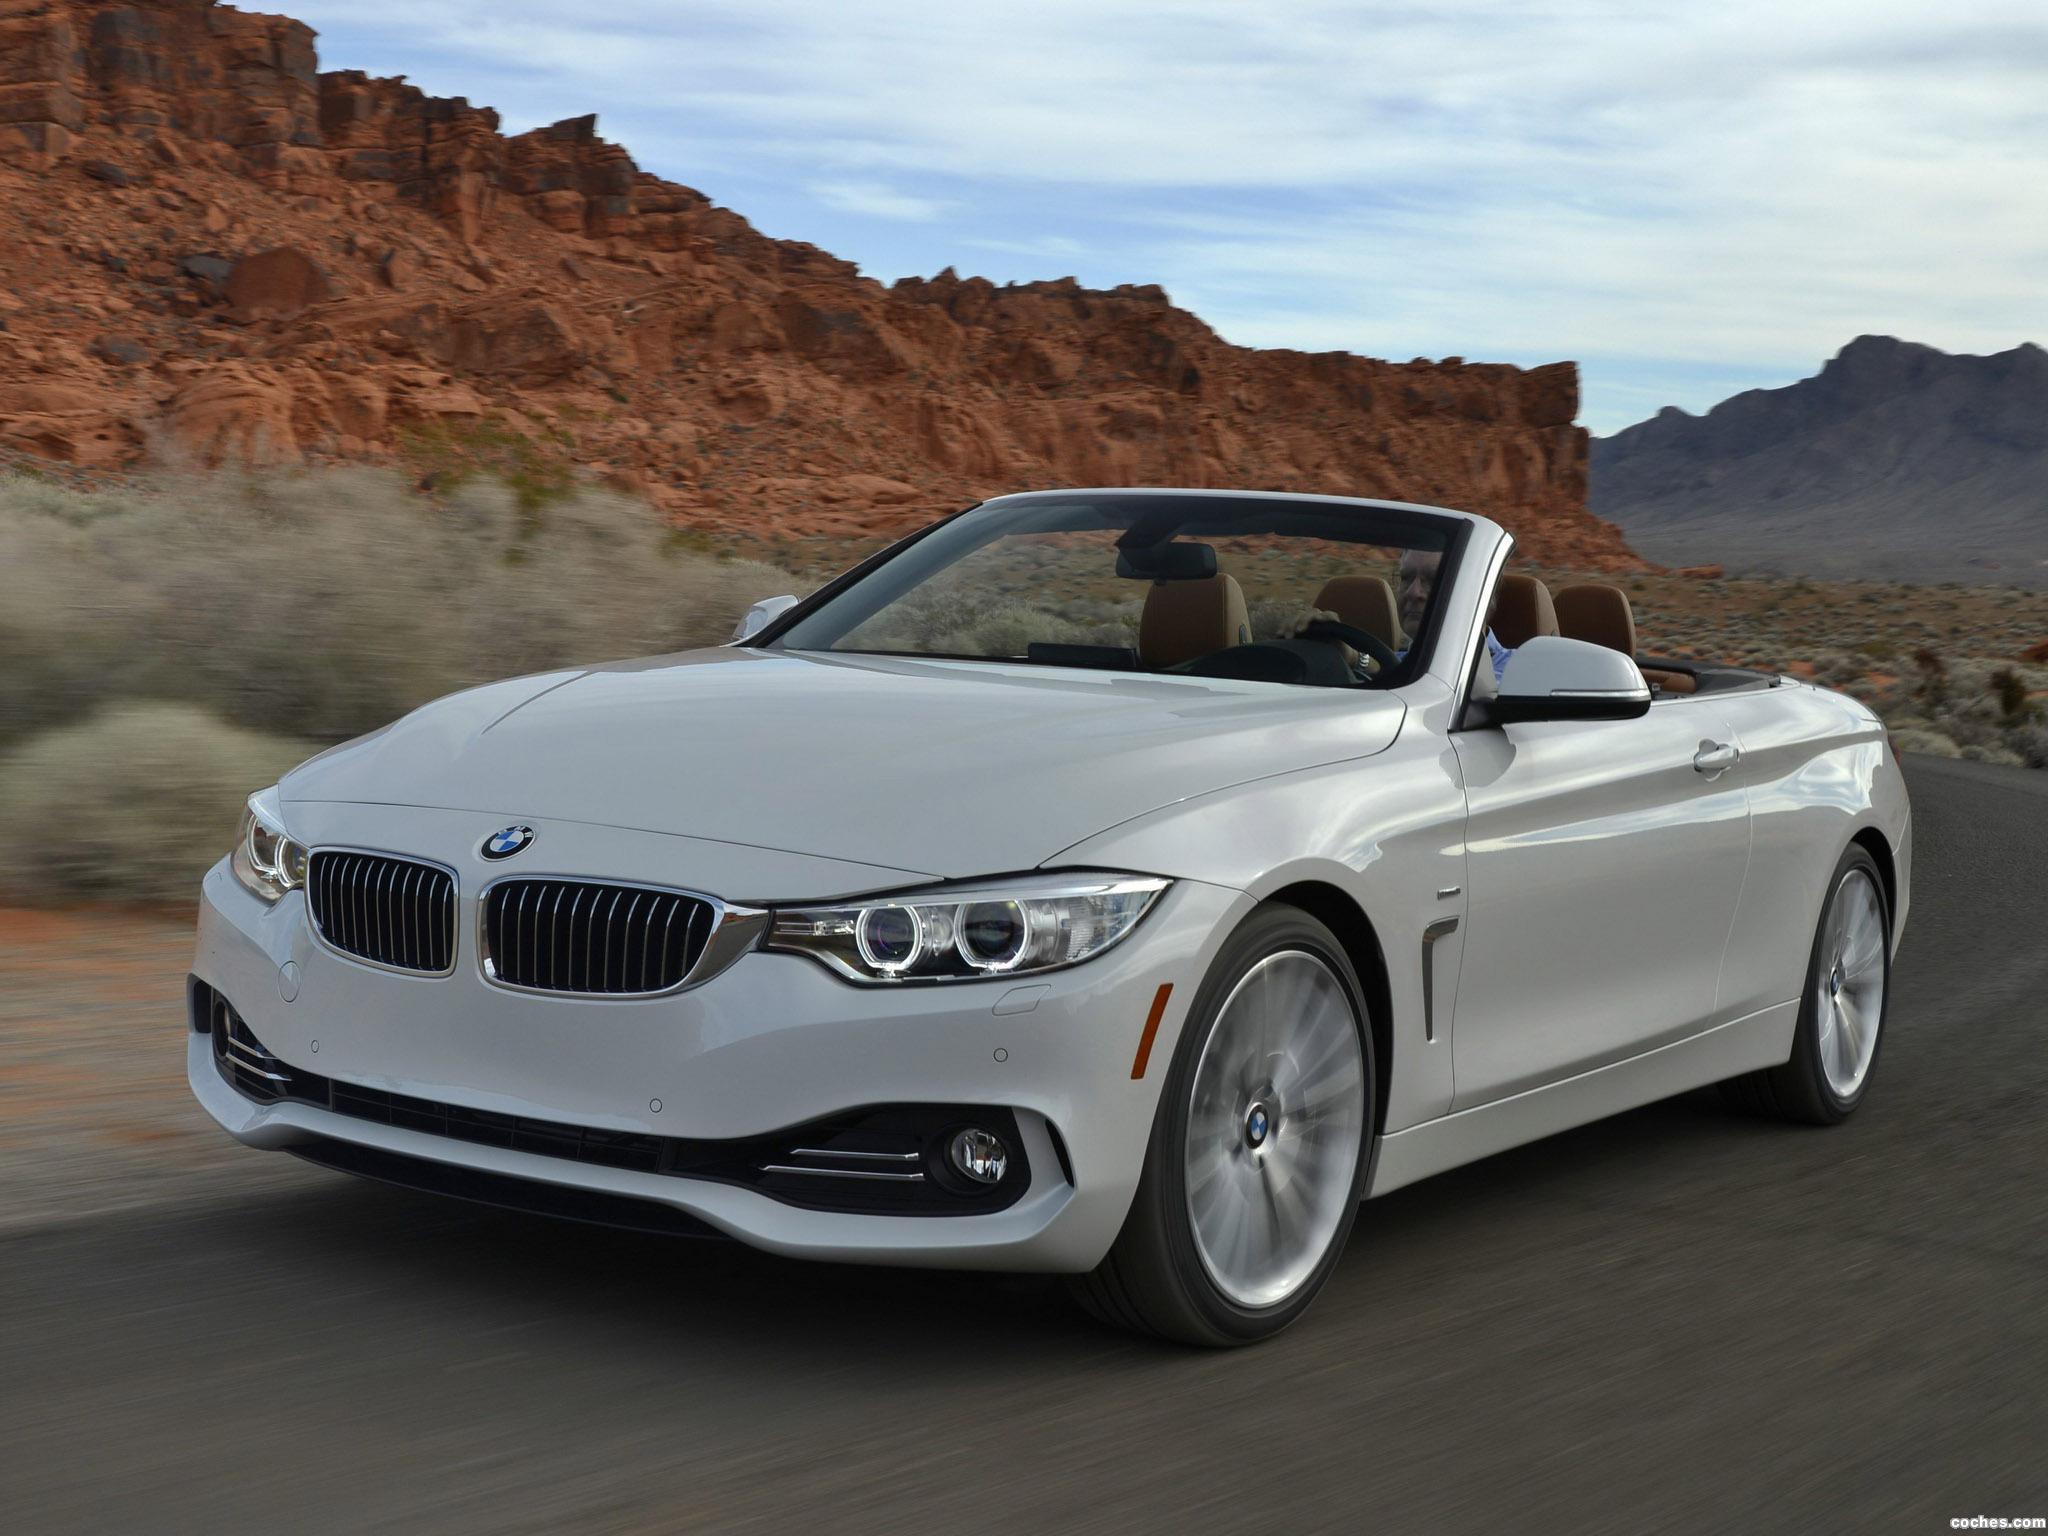 Foto 0 de BMW Serie 4 435i Cabrio Luxury Line F33 USA 2014